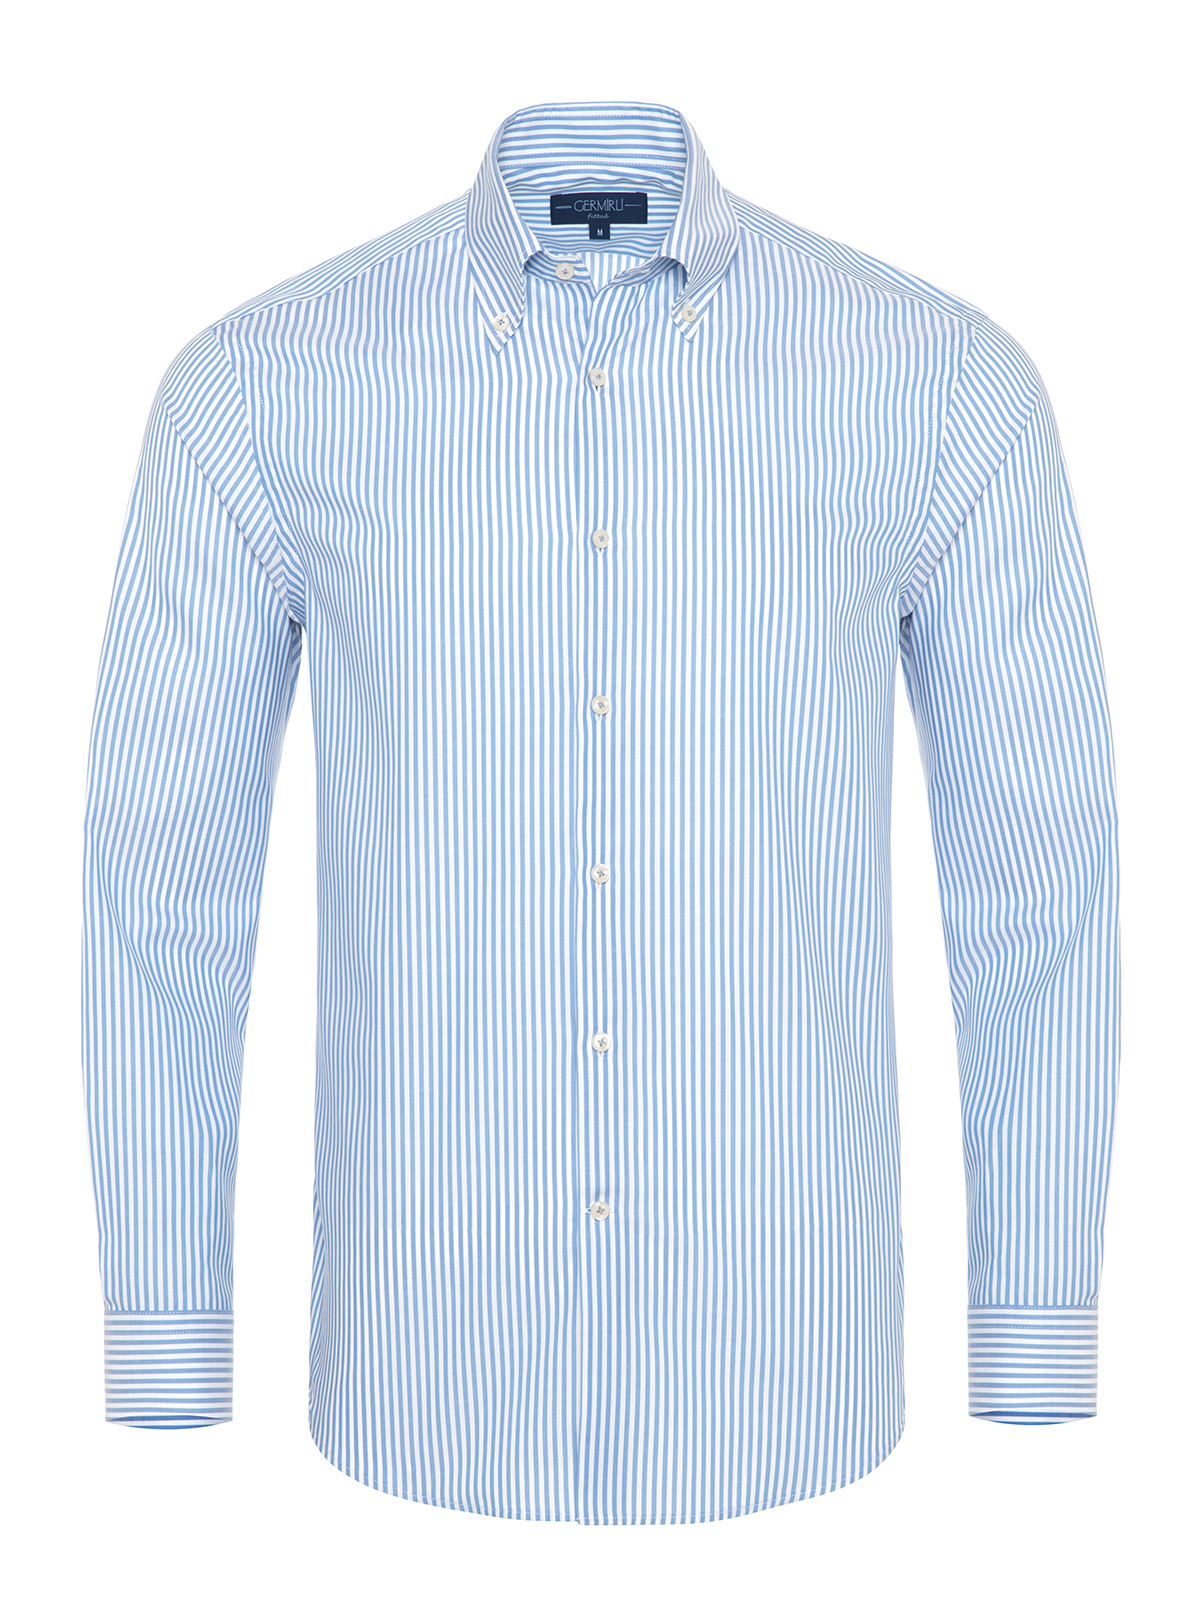 Germirli - Germirli Mavi Beyaz Panama Çizgili Düğmeli Yaka Tailor Fit Gömlek